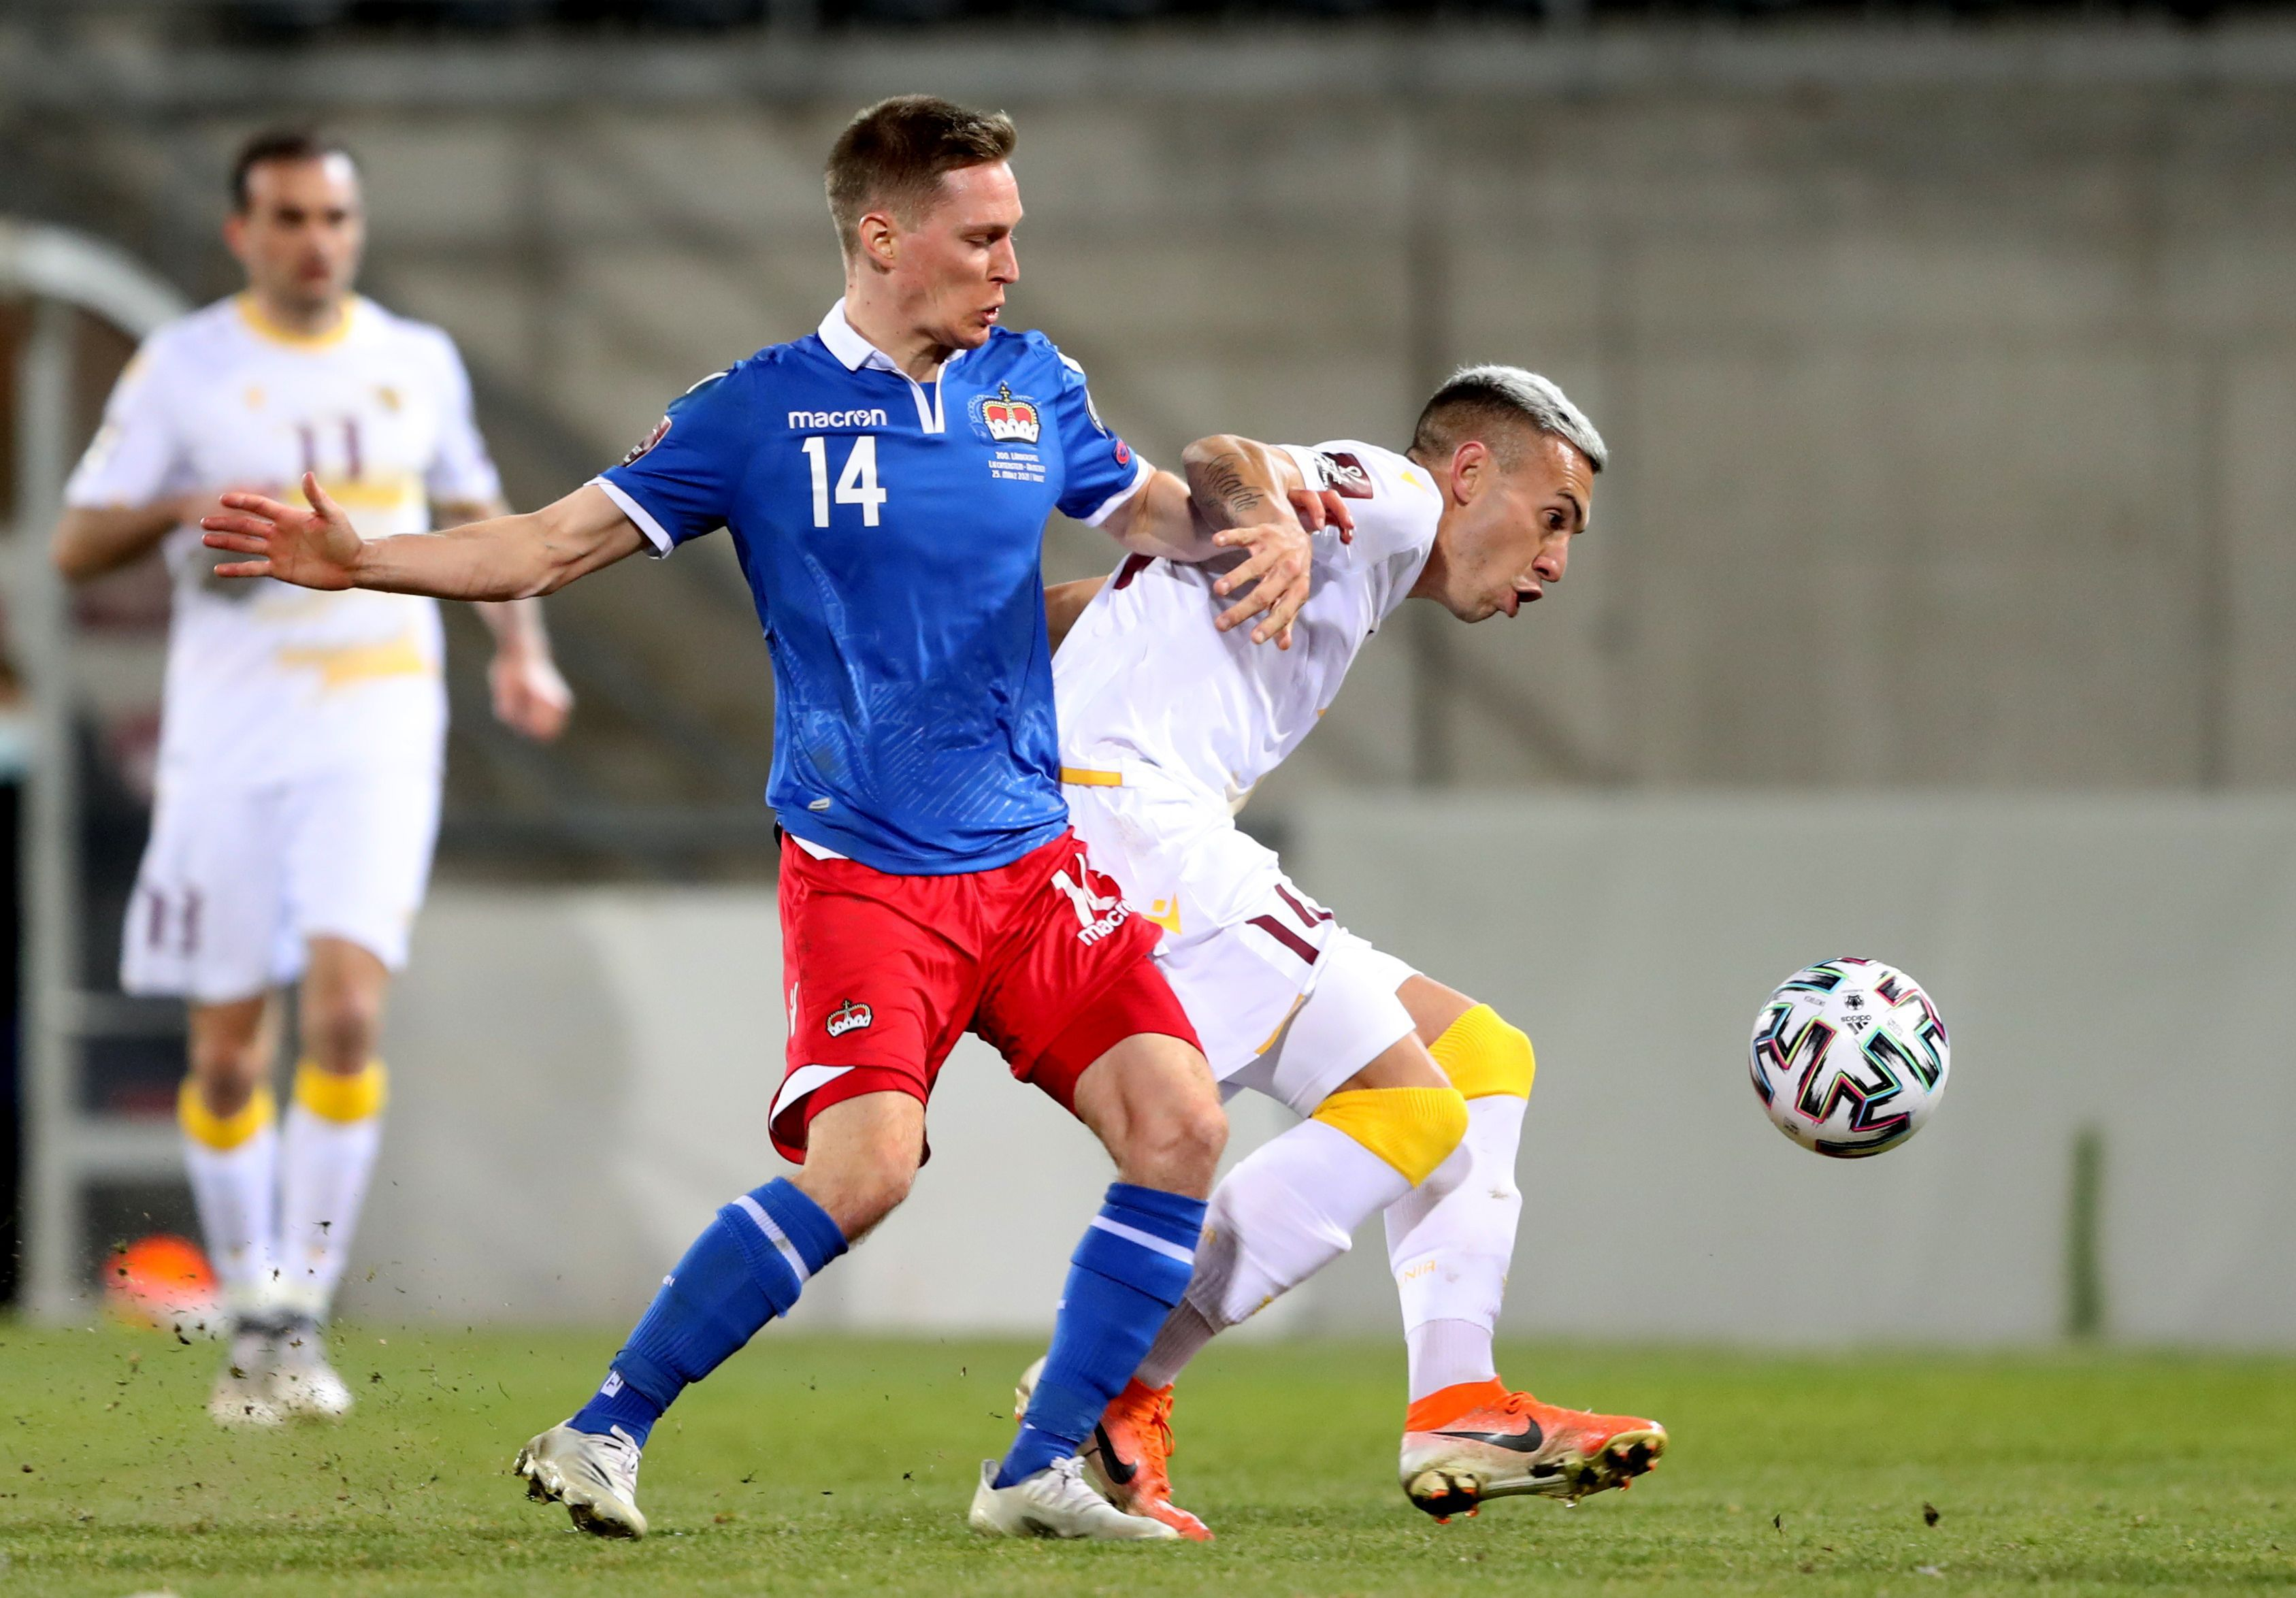 El delantero de Huracán fue una de las figuras en el duelo ante Liechtenstein. Foto: REUTERS/Arnd Wiegmann